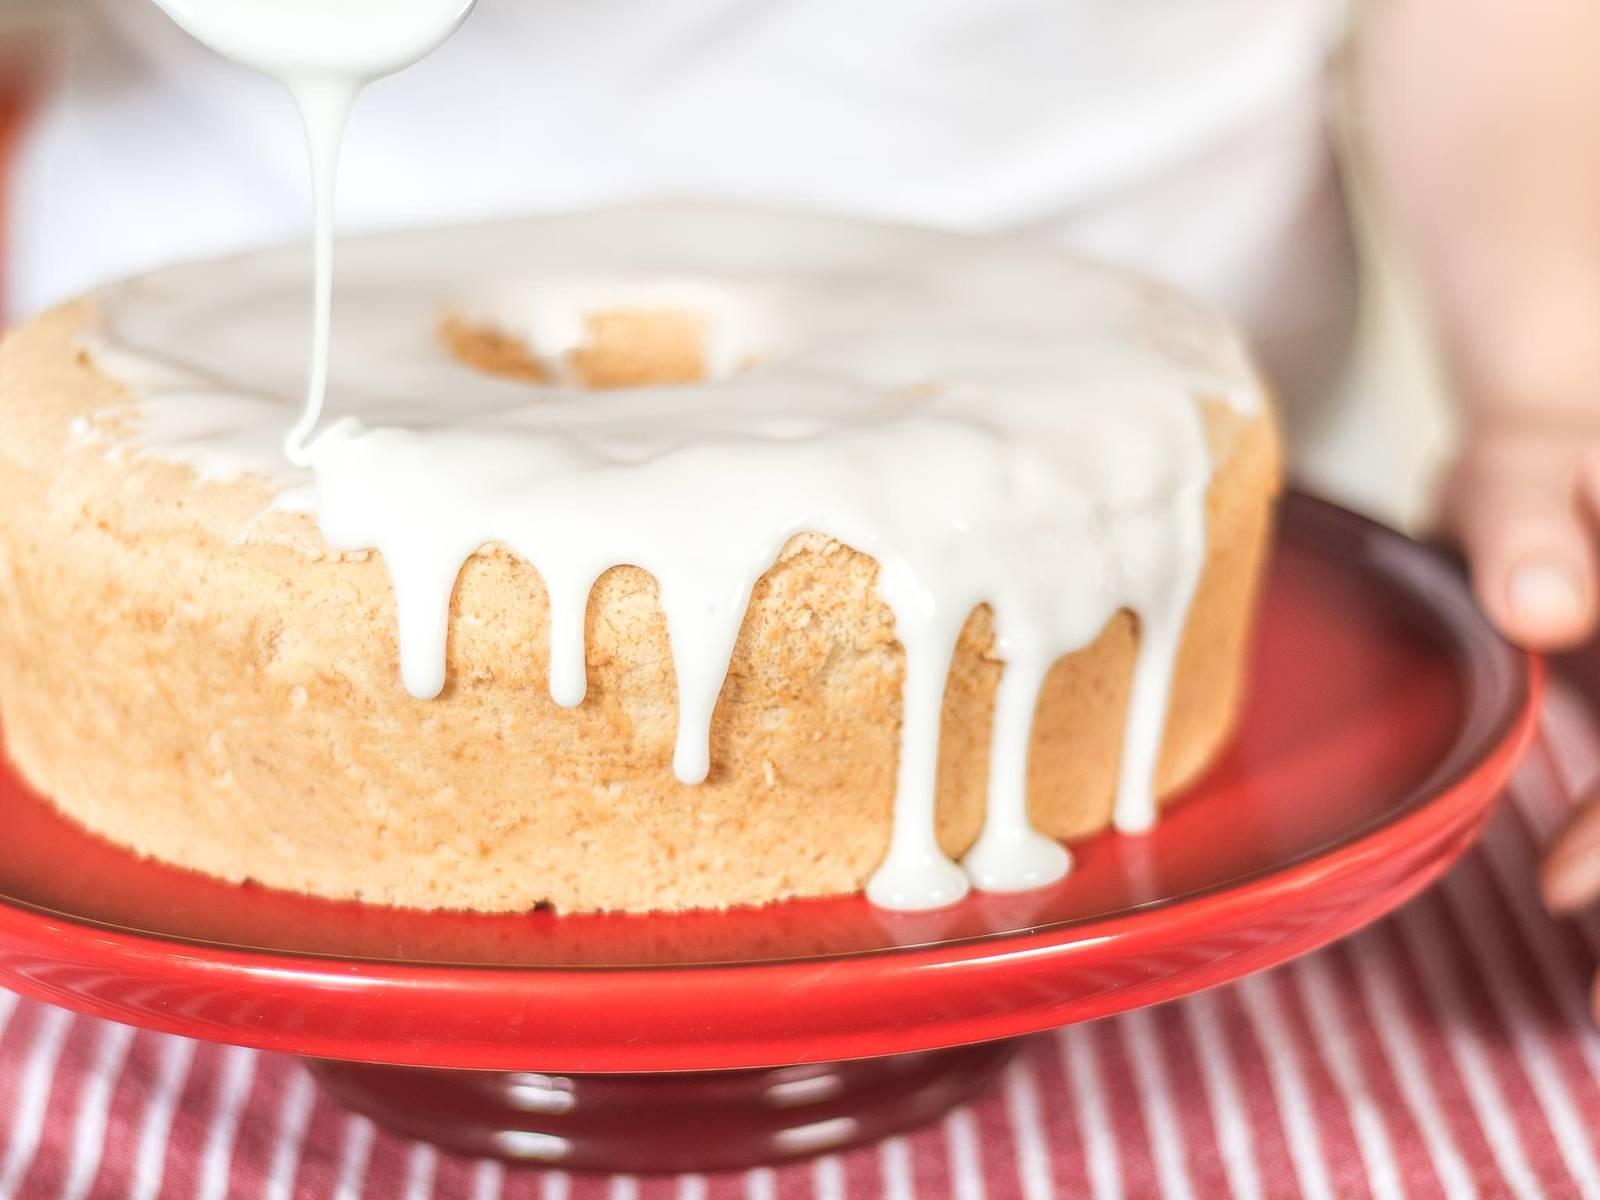 取出蛋糕,淋上糖衣。待糖衣凝固后(约15 分钟),配以新鲜草莓,并用新鲜薄荷叶点缀,即可上桌。